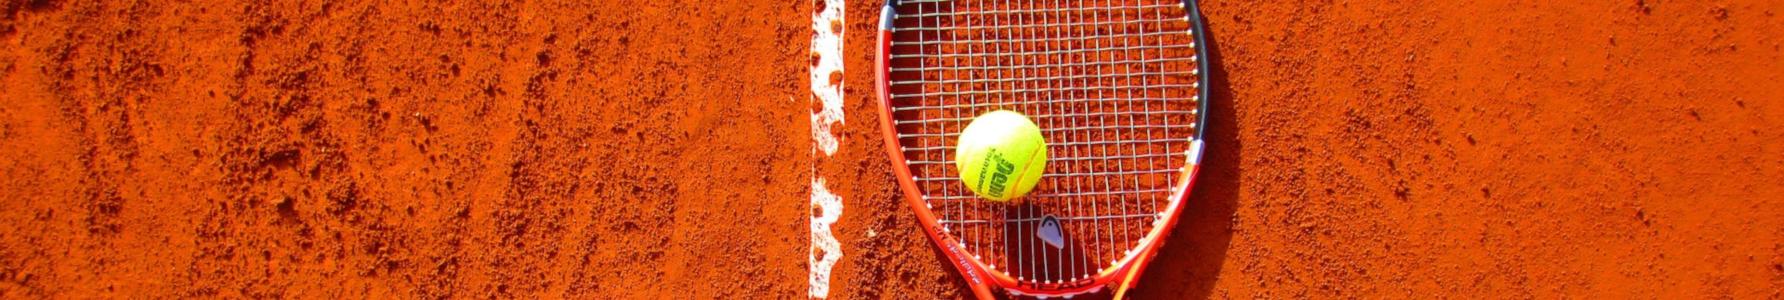 Enel-sport partnerem medycznym WSG OPEN 2019